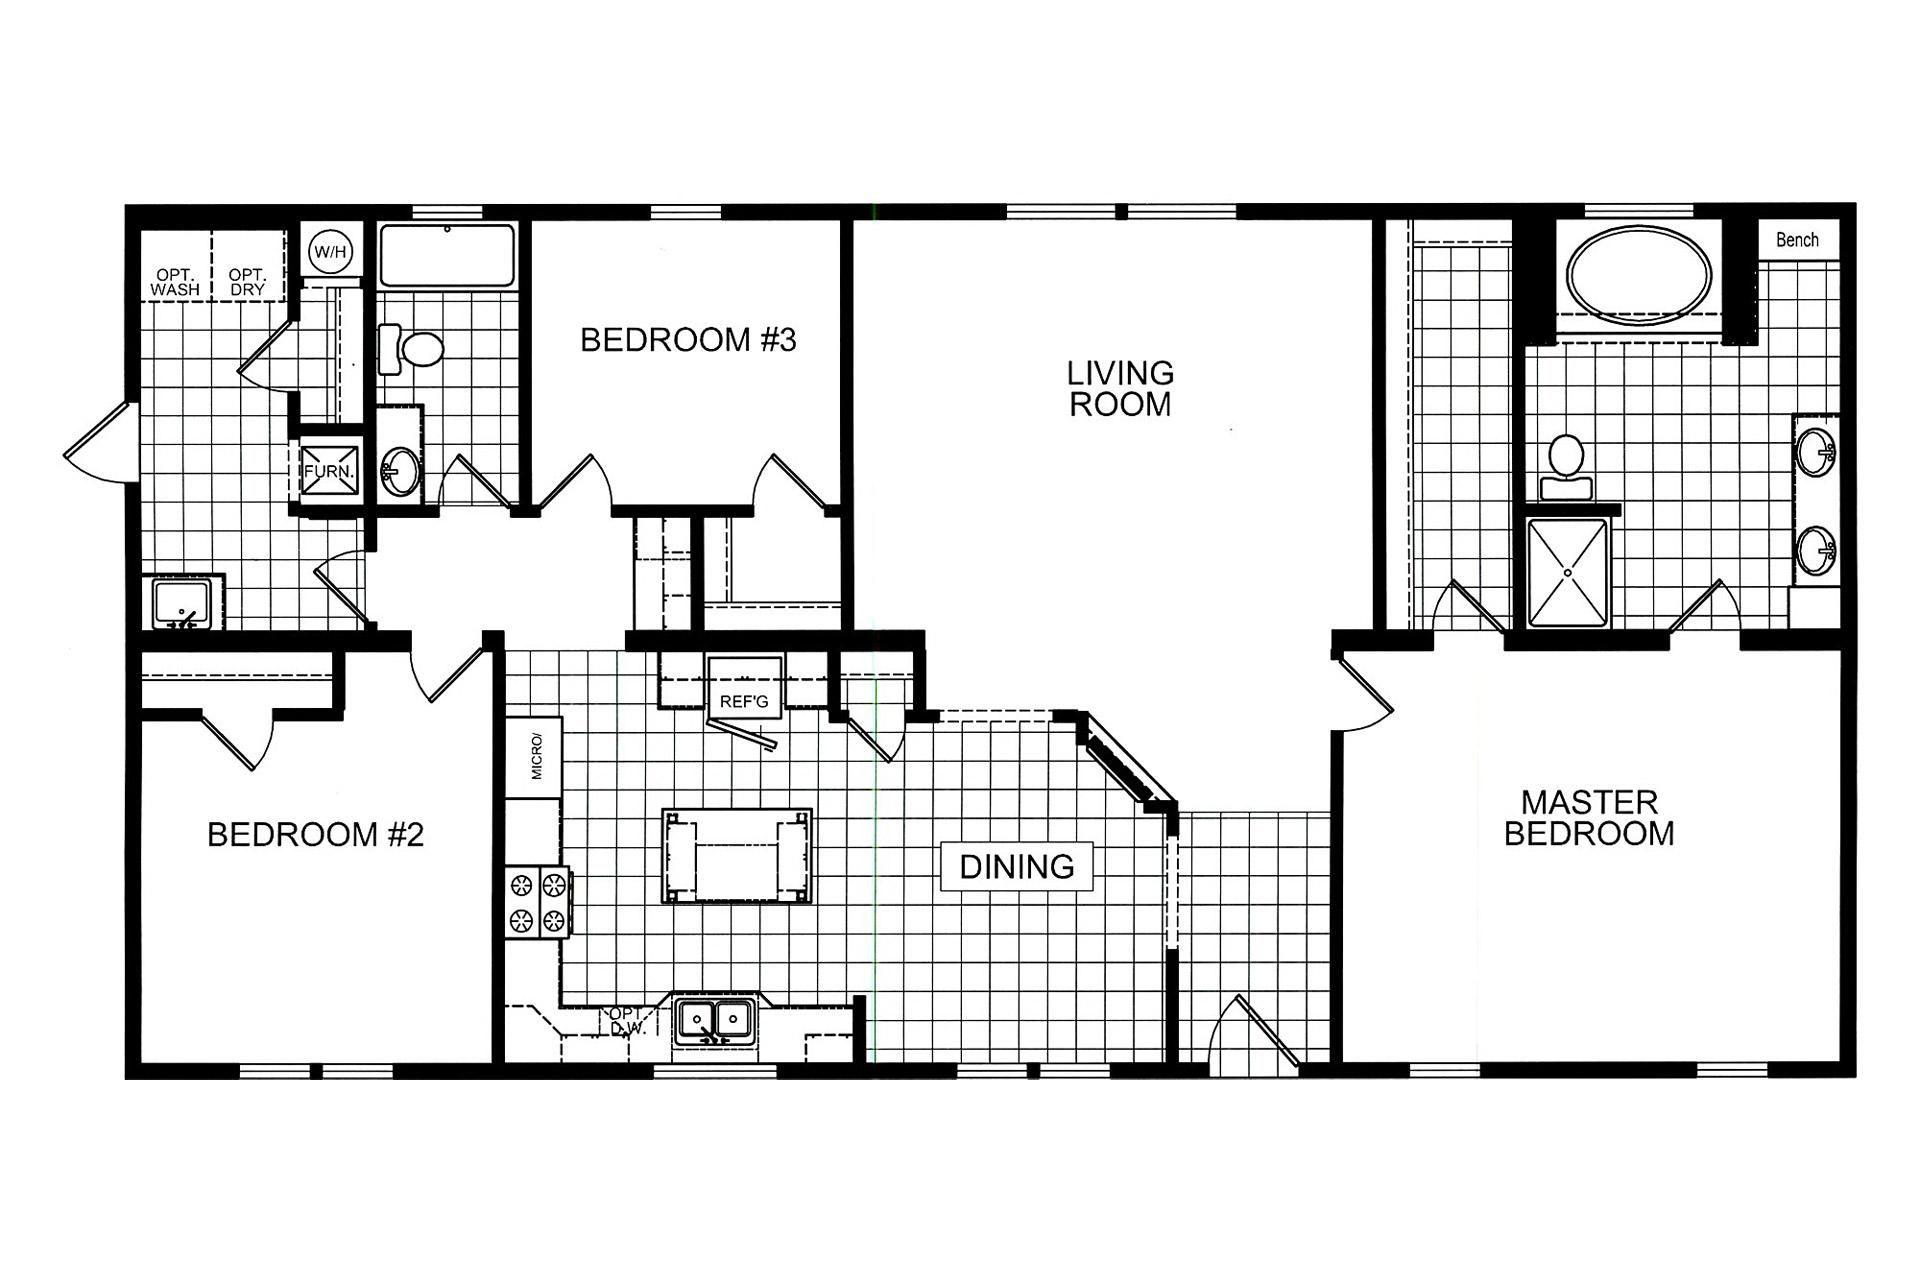 1800 Square Foot House Plans Square House Plans House Plans Shop House Plans